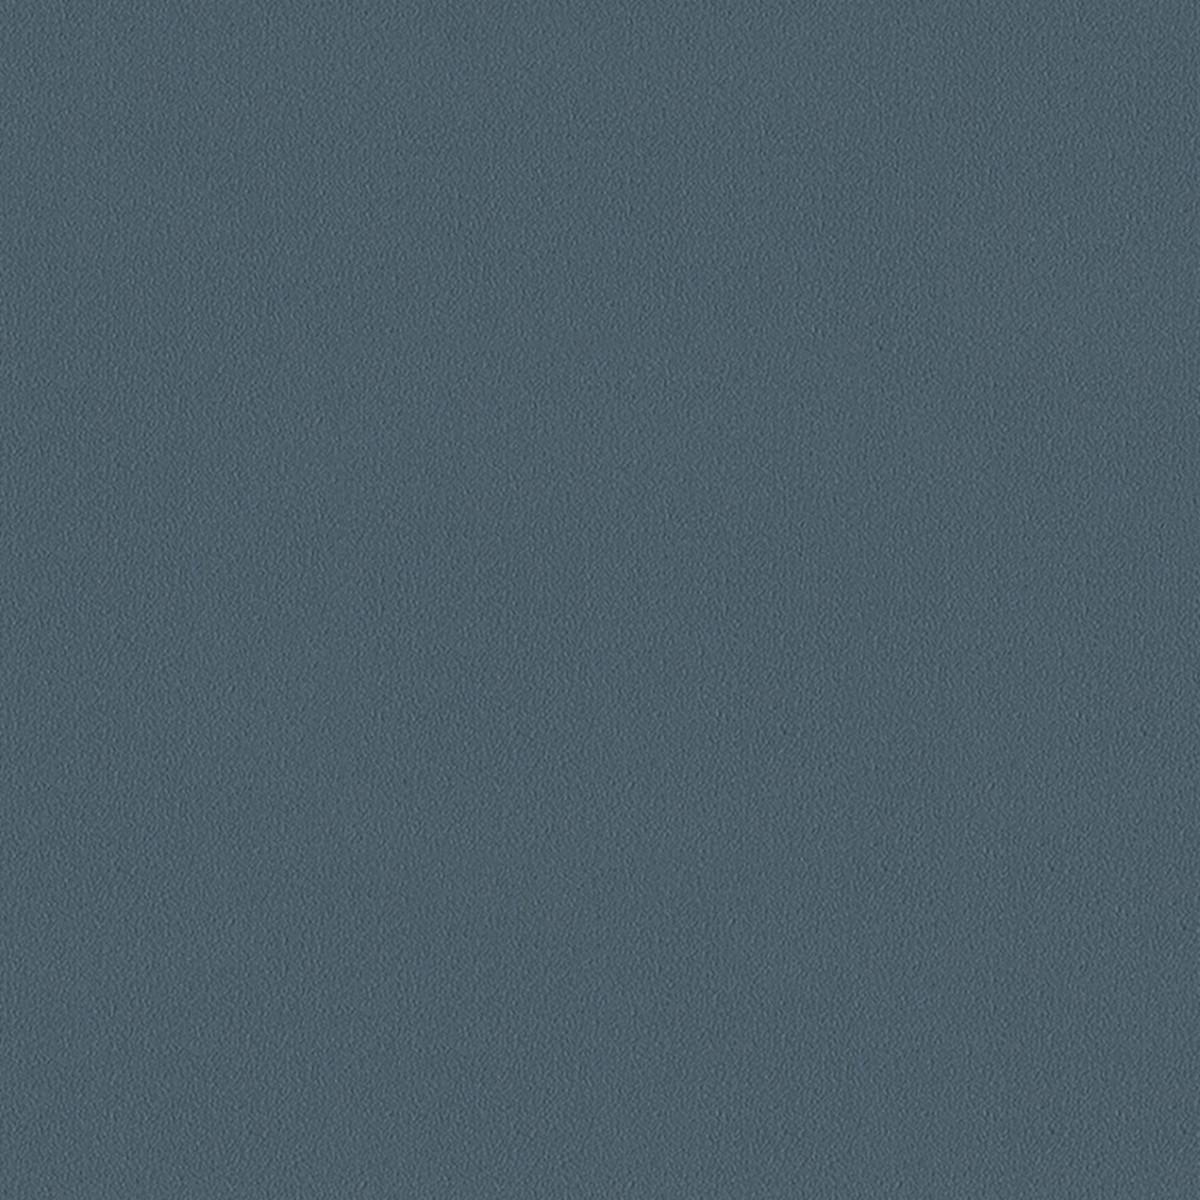 Обои виниловые Gaenari синие 1.06 м 87385-4